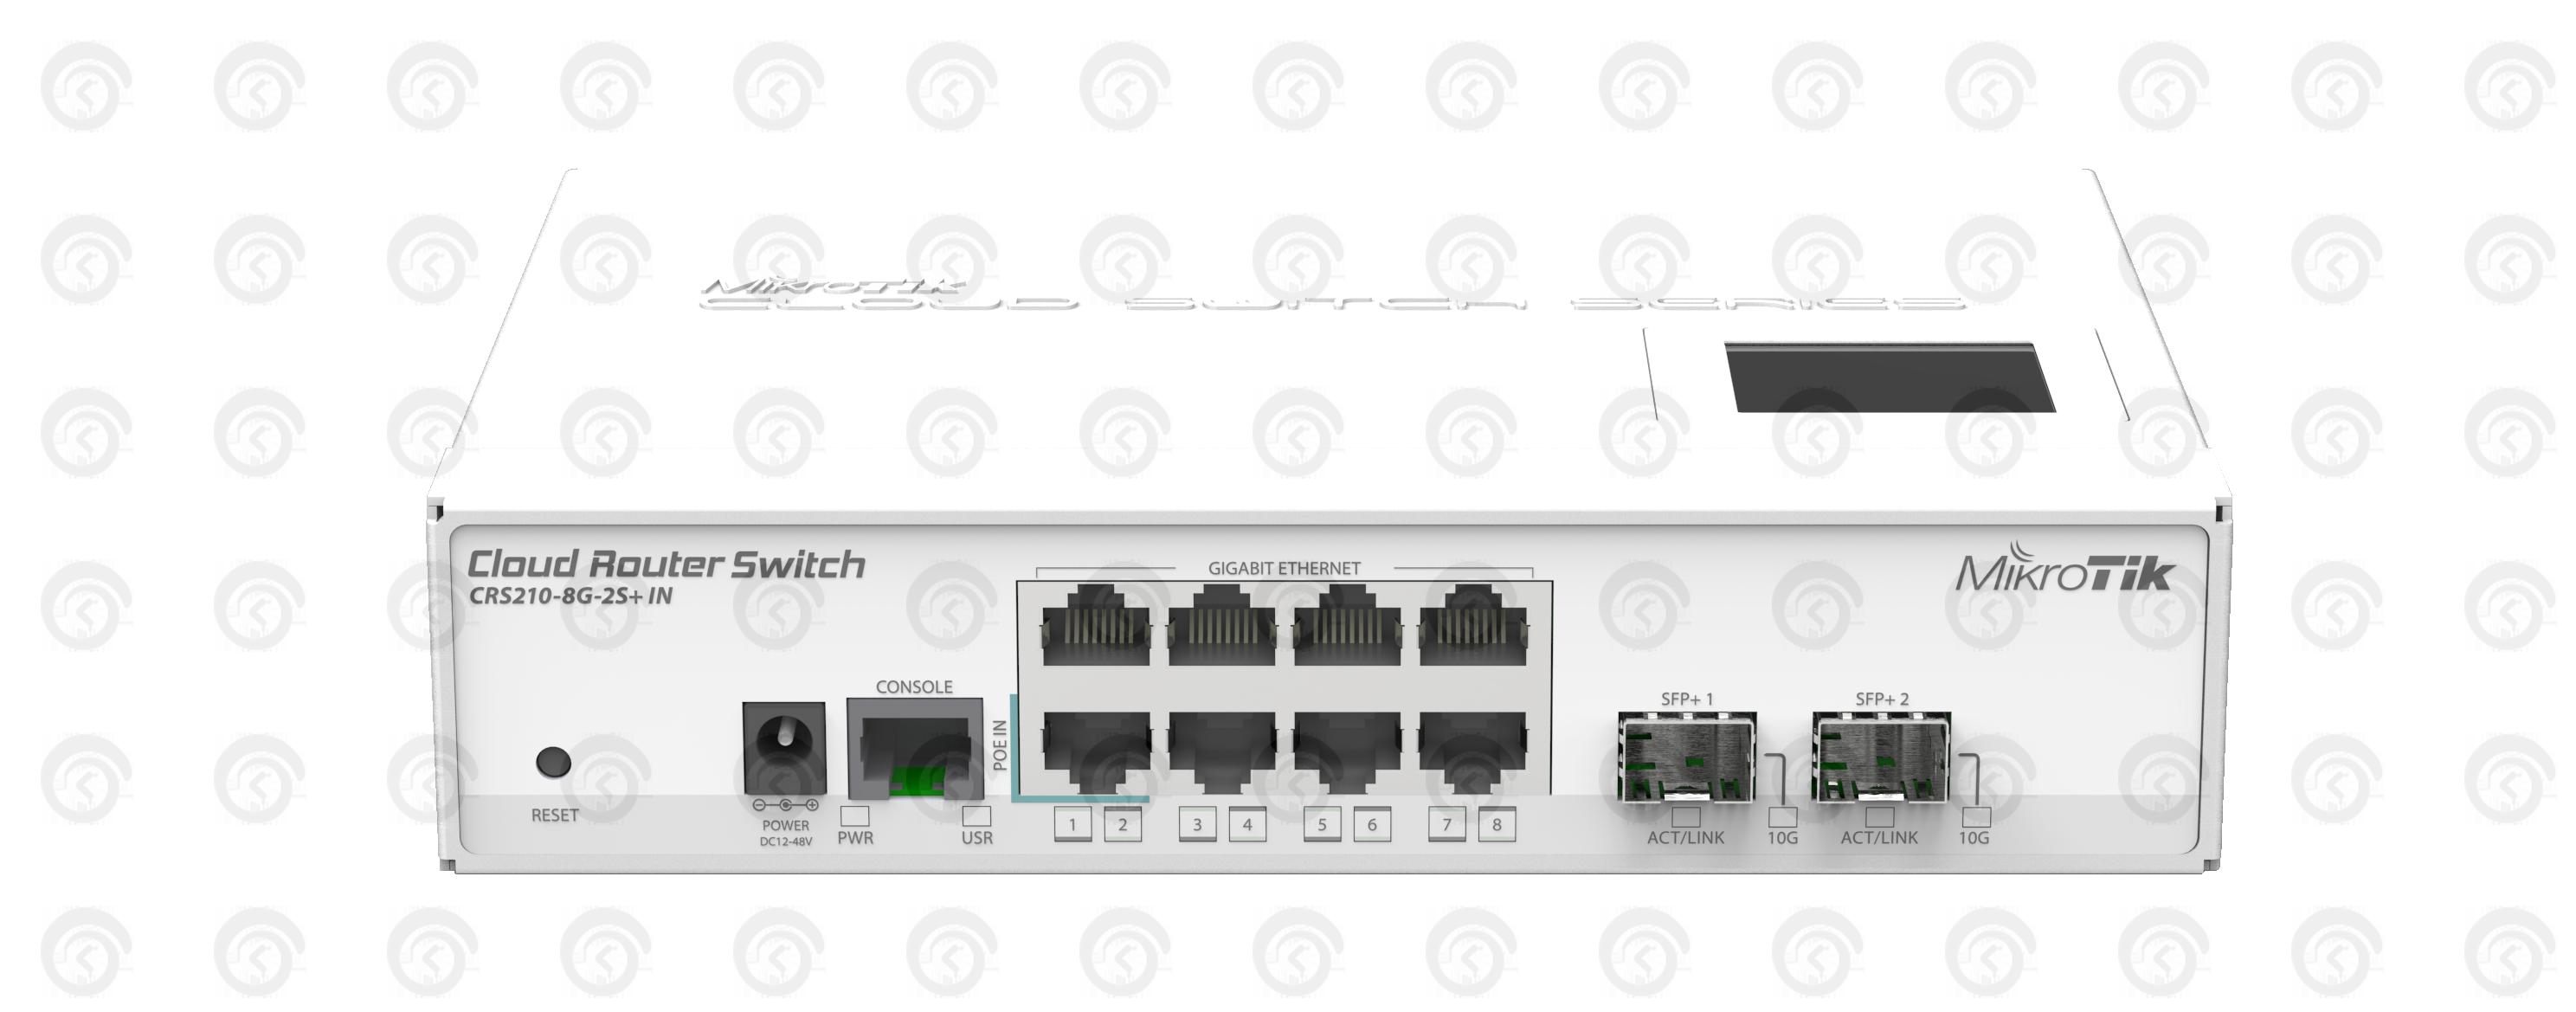 Коммутатор Mikrotik CRS210-8G-2S+IN управляемый